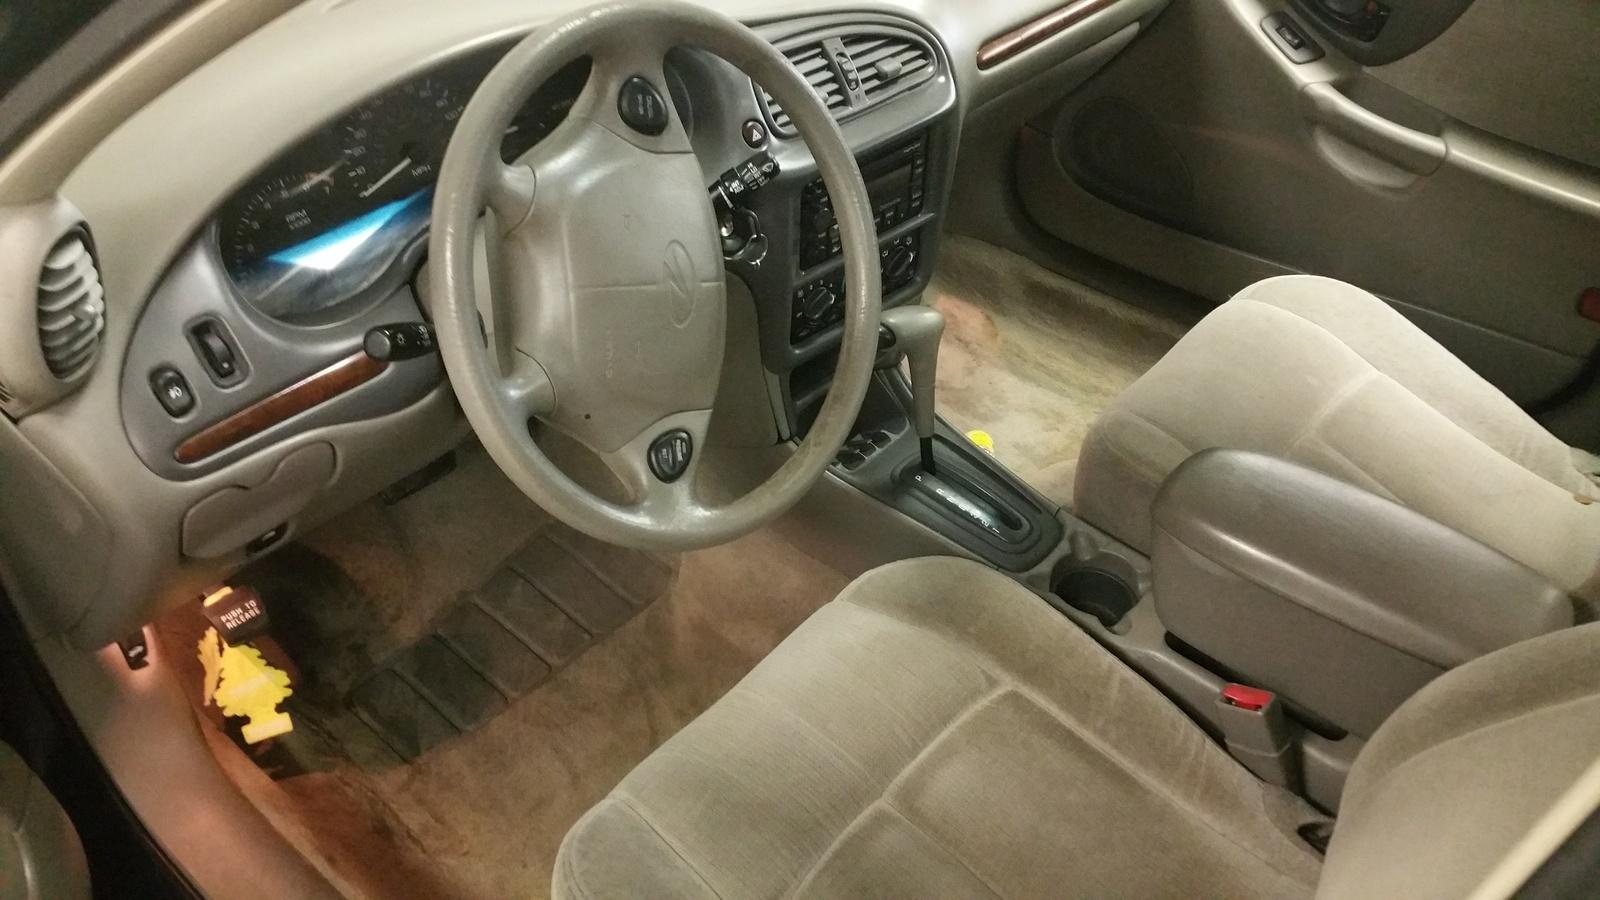 1997 oldsmobile cutlass interior pictures cargurus 1997 oldsmobile cutlass interior